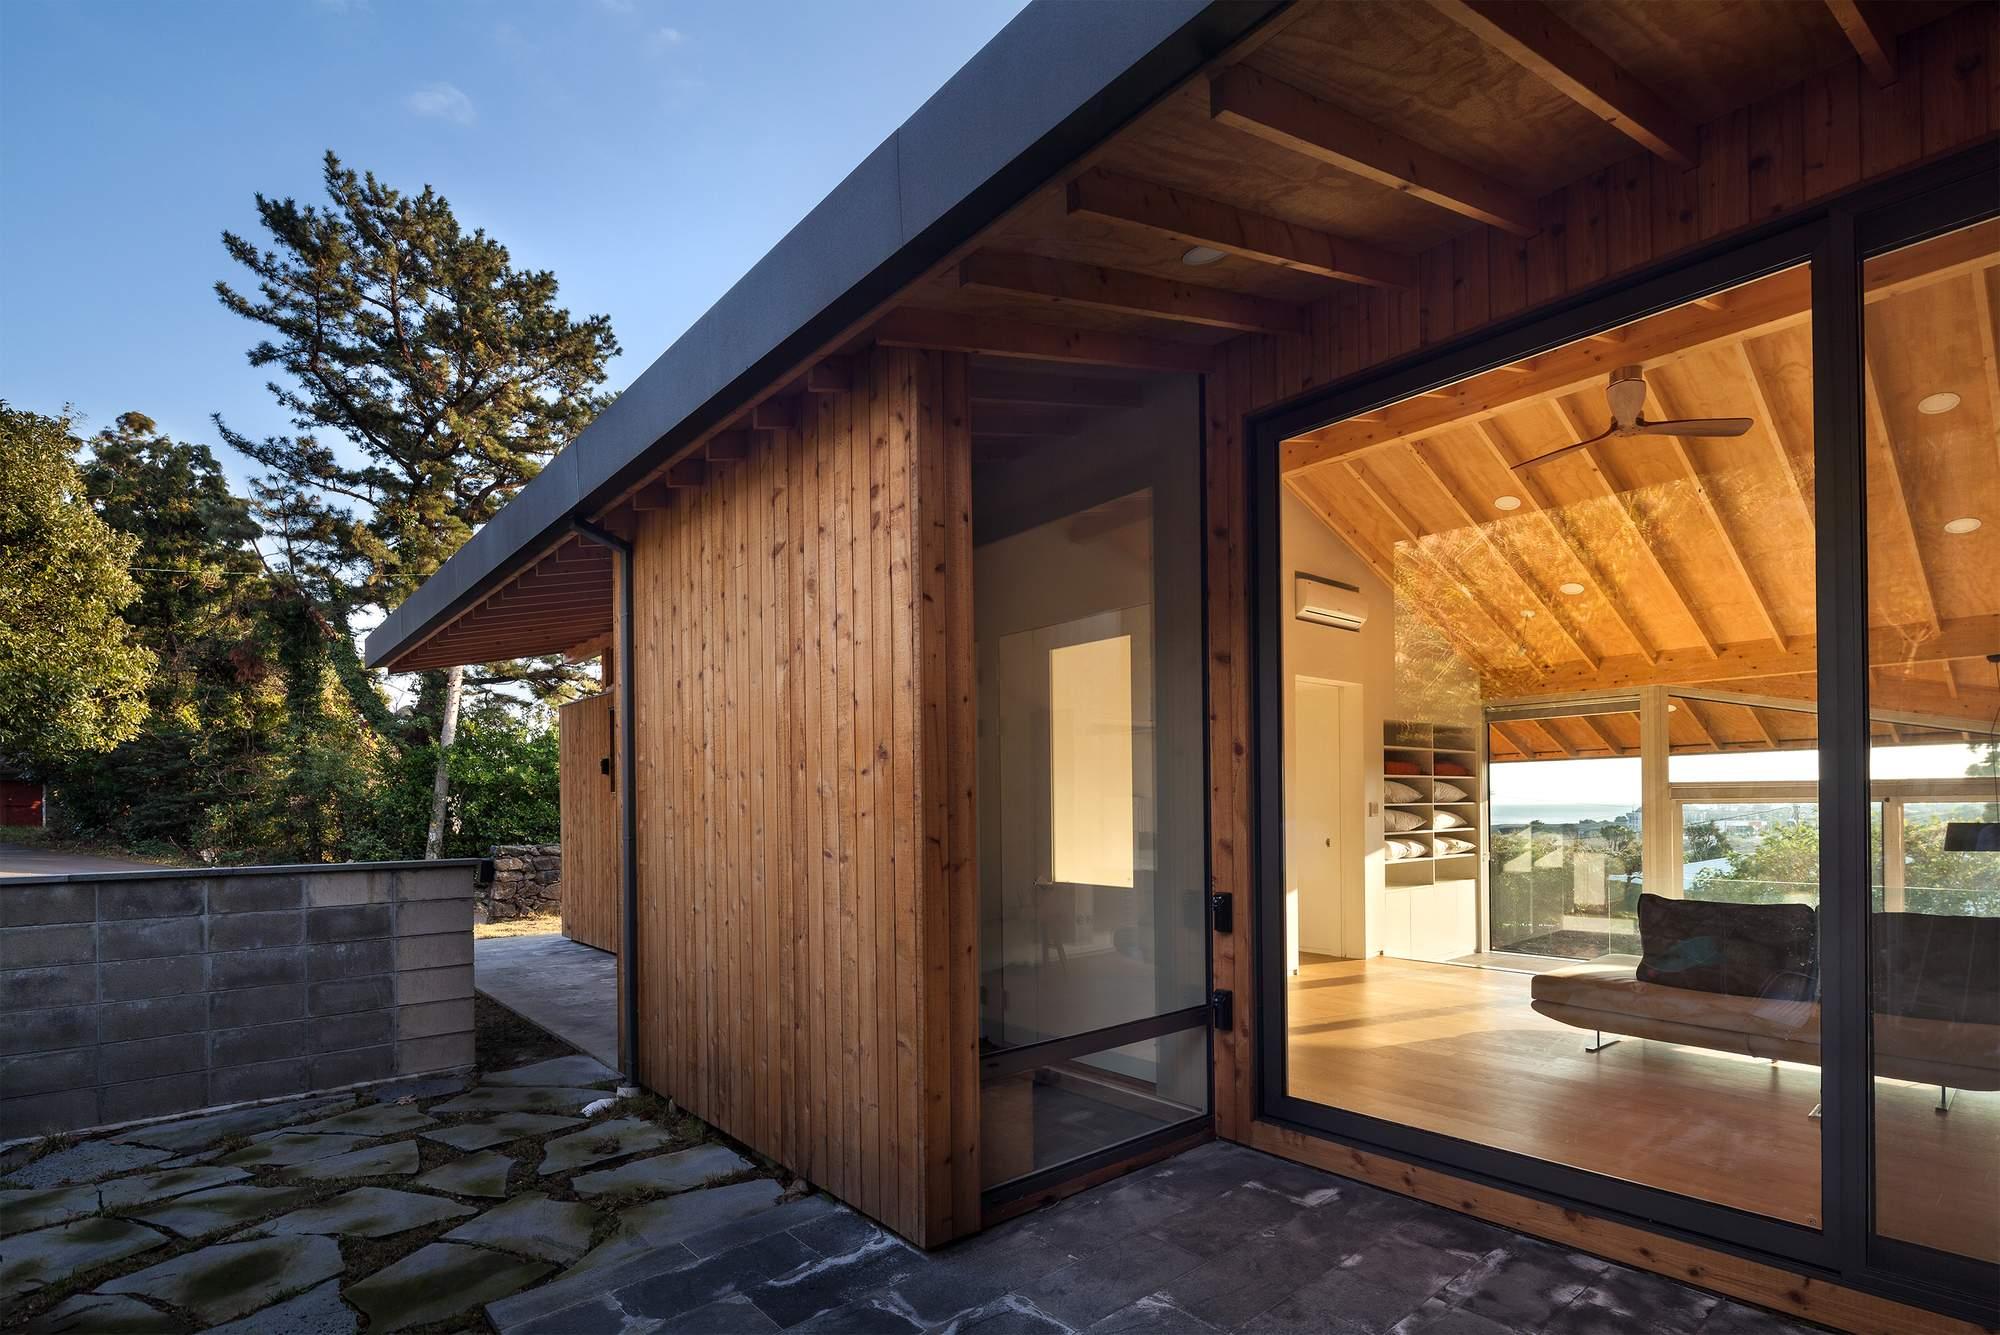 Гостевой дом с элементами стиля Ханок в Южной Корее